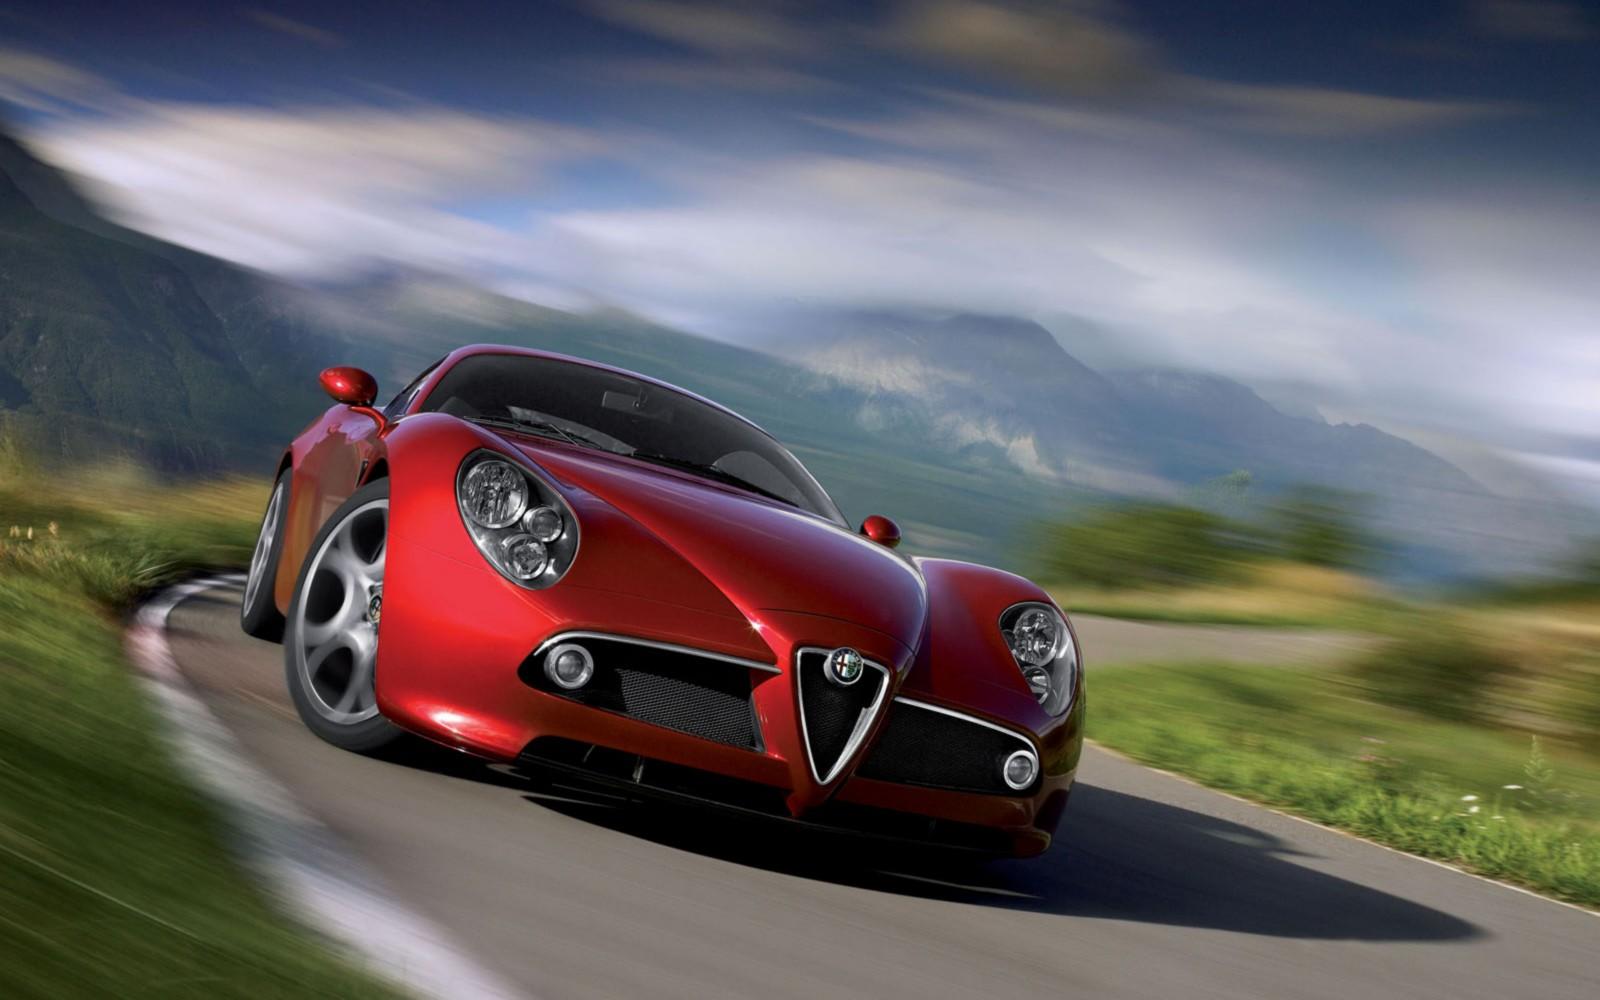 red car racing